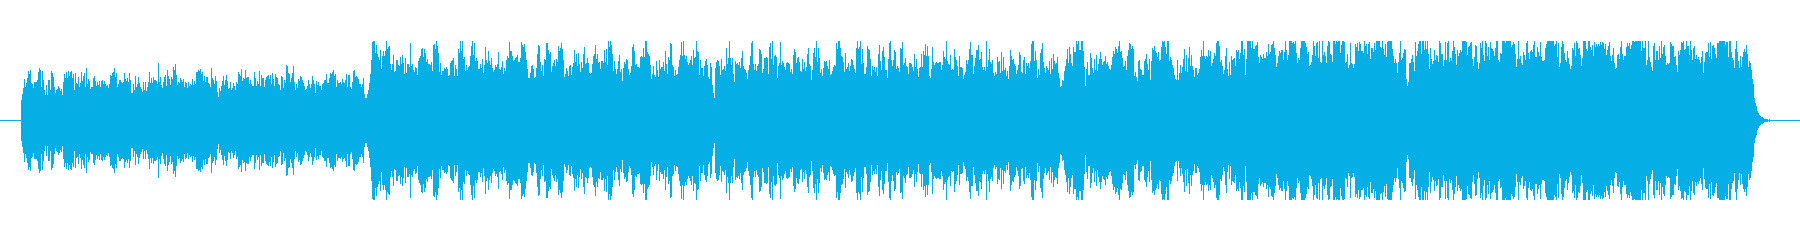 明るい綺麗な音色のメロディーの再生済みの波形